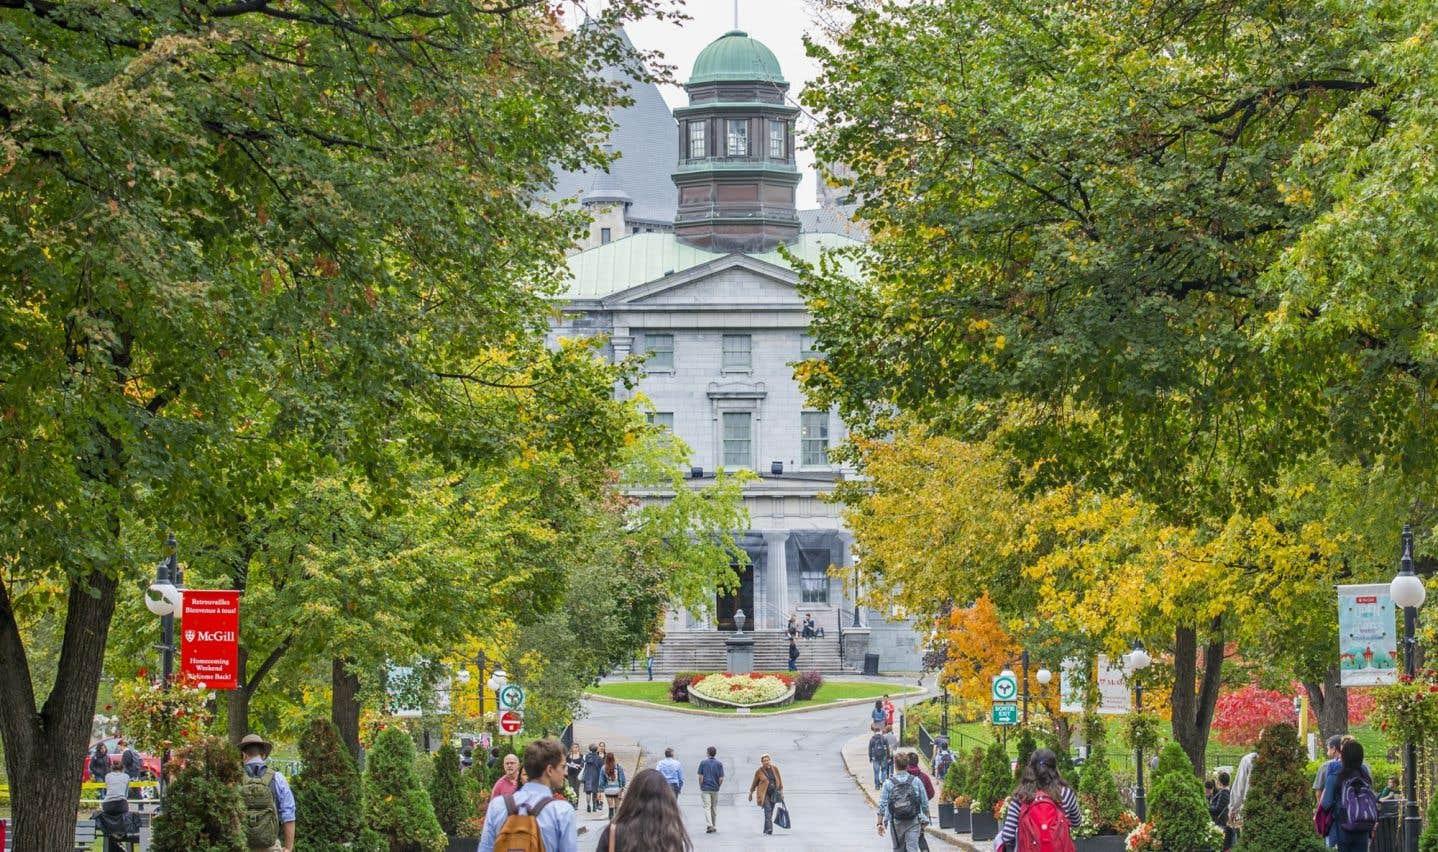 Sur les 65 établissements postsecondaires publics du Québec, seulement 3 universités et 5 cégeps ont une politique spécifique pour lutter contre les agressions sexuelles.